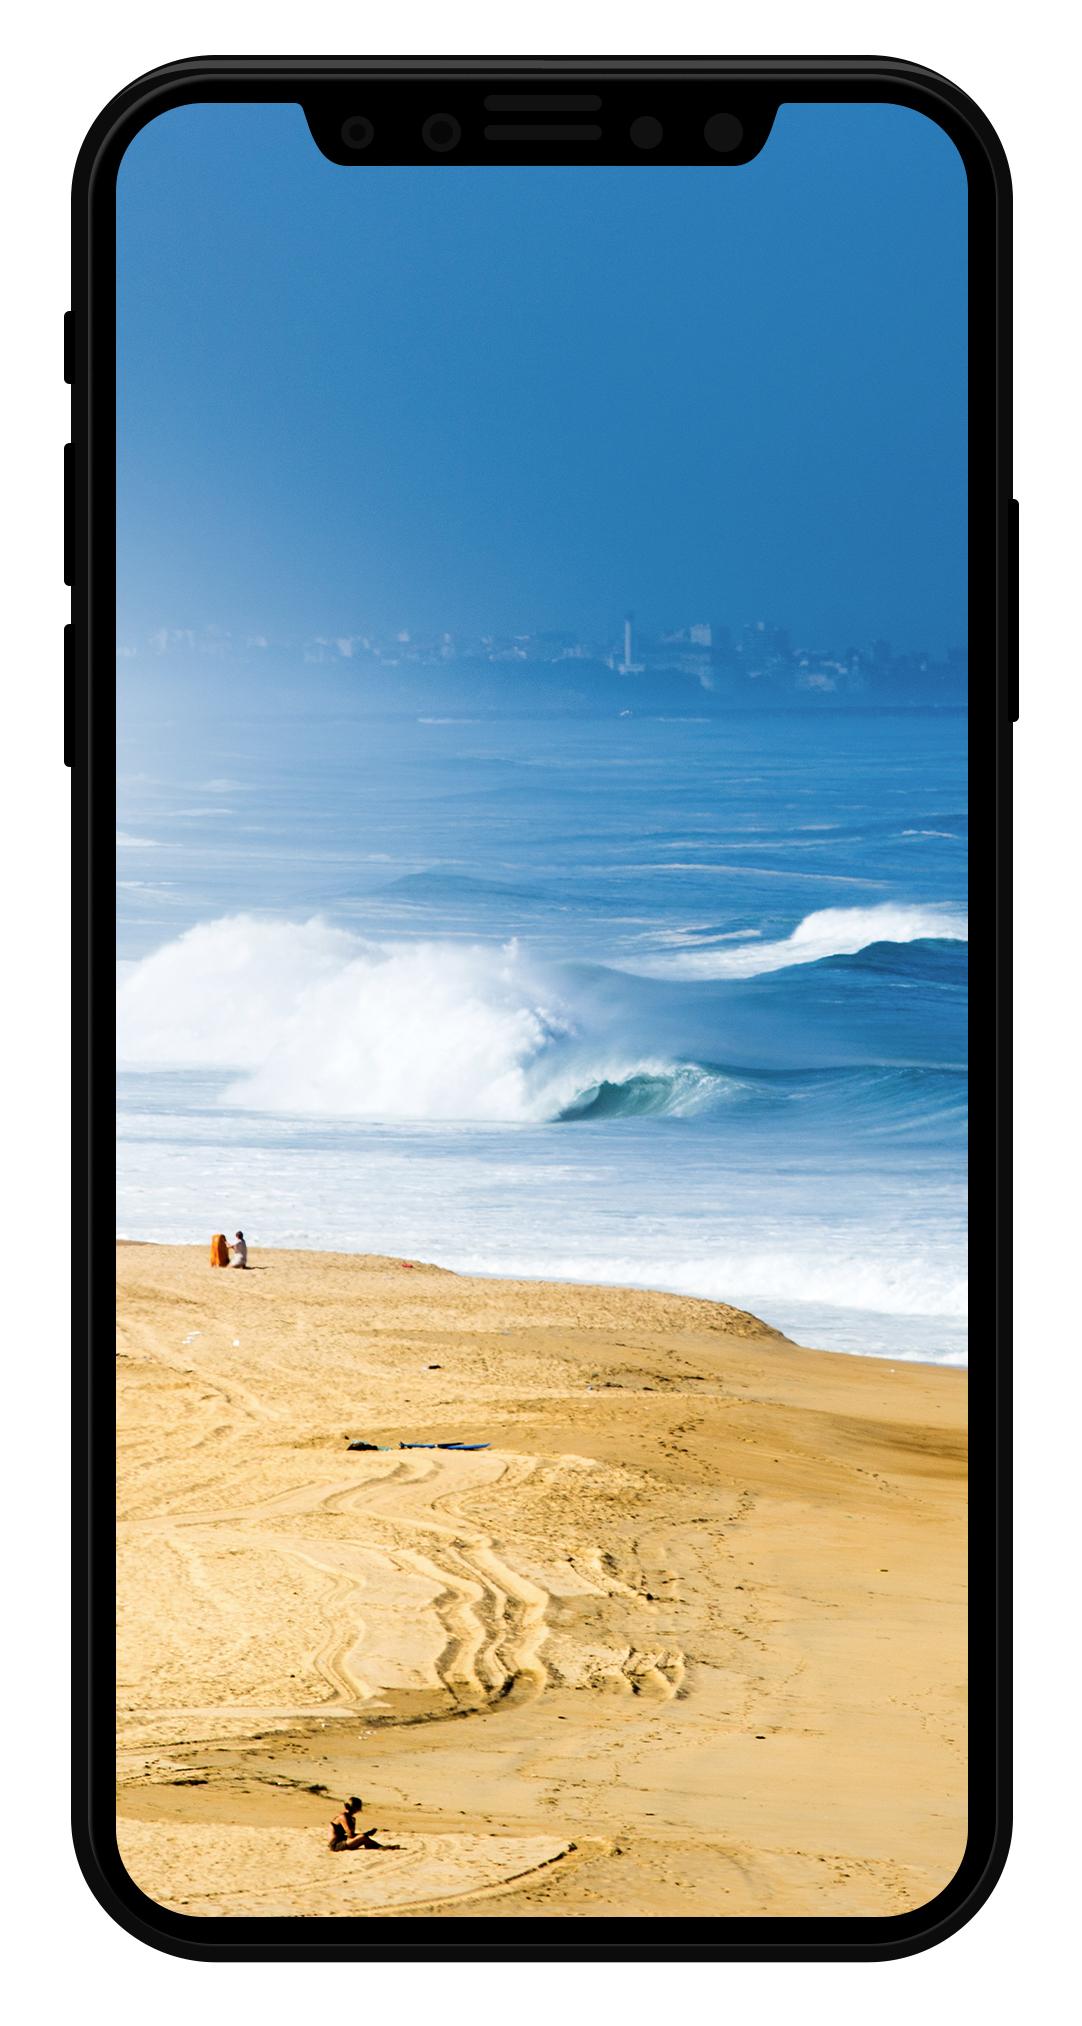 iphone-8-mockup-tyfydownloadable.jpg